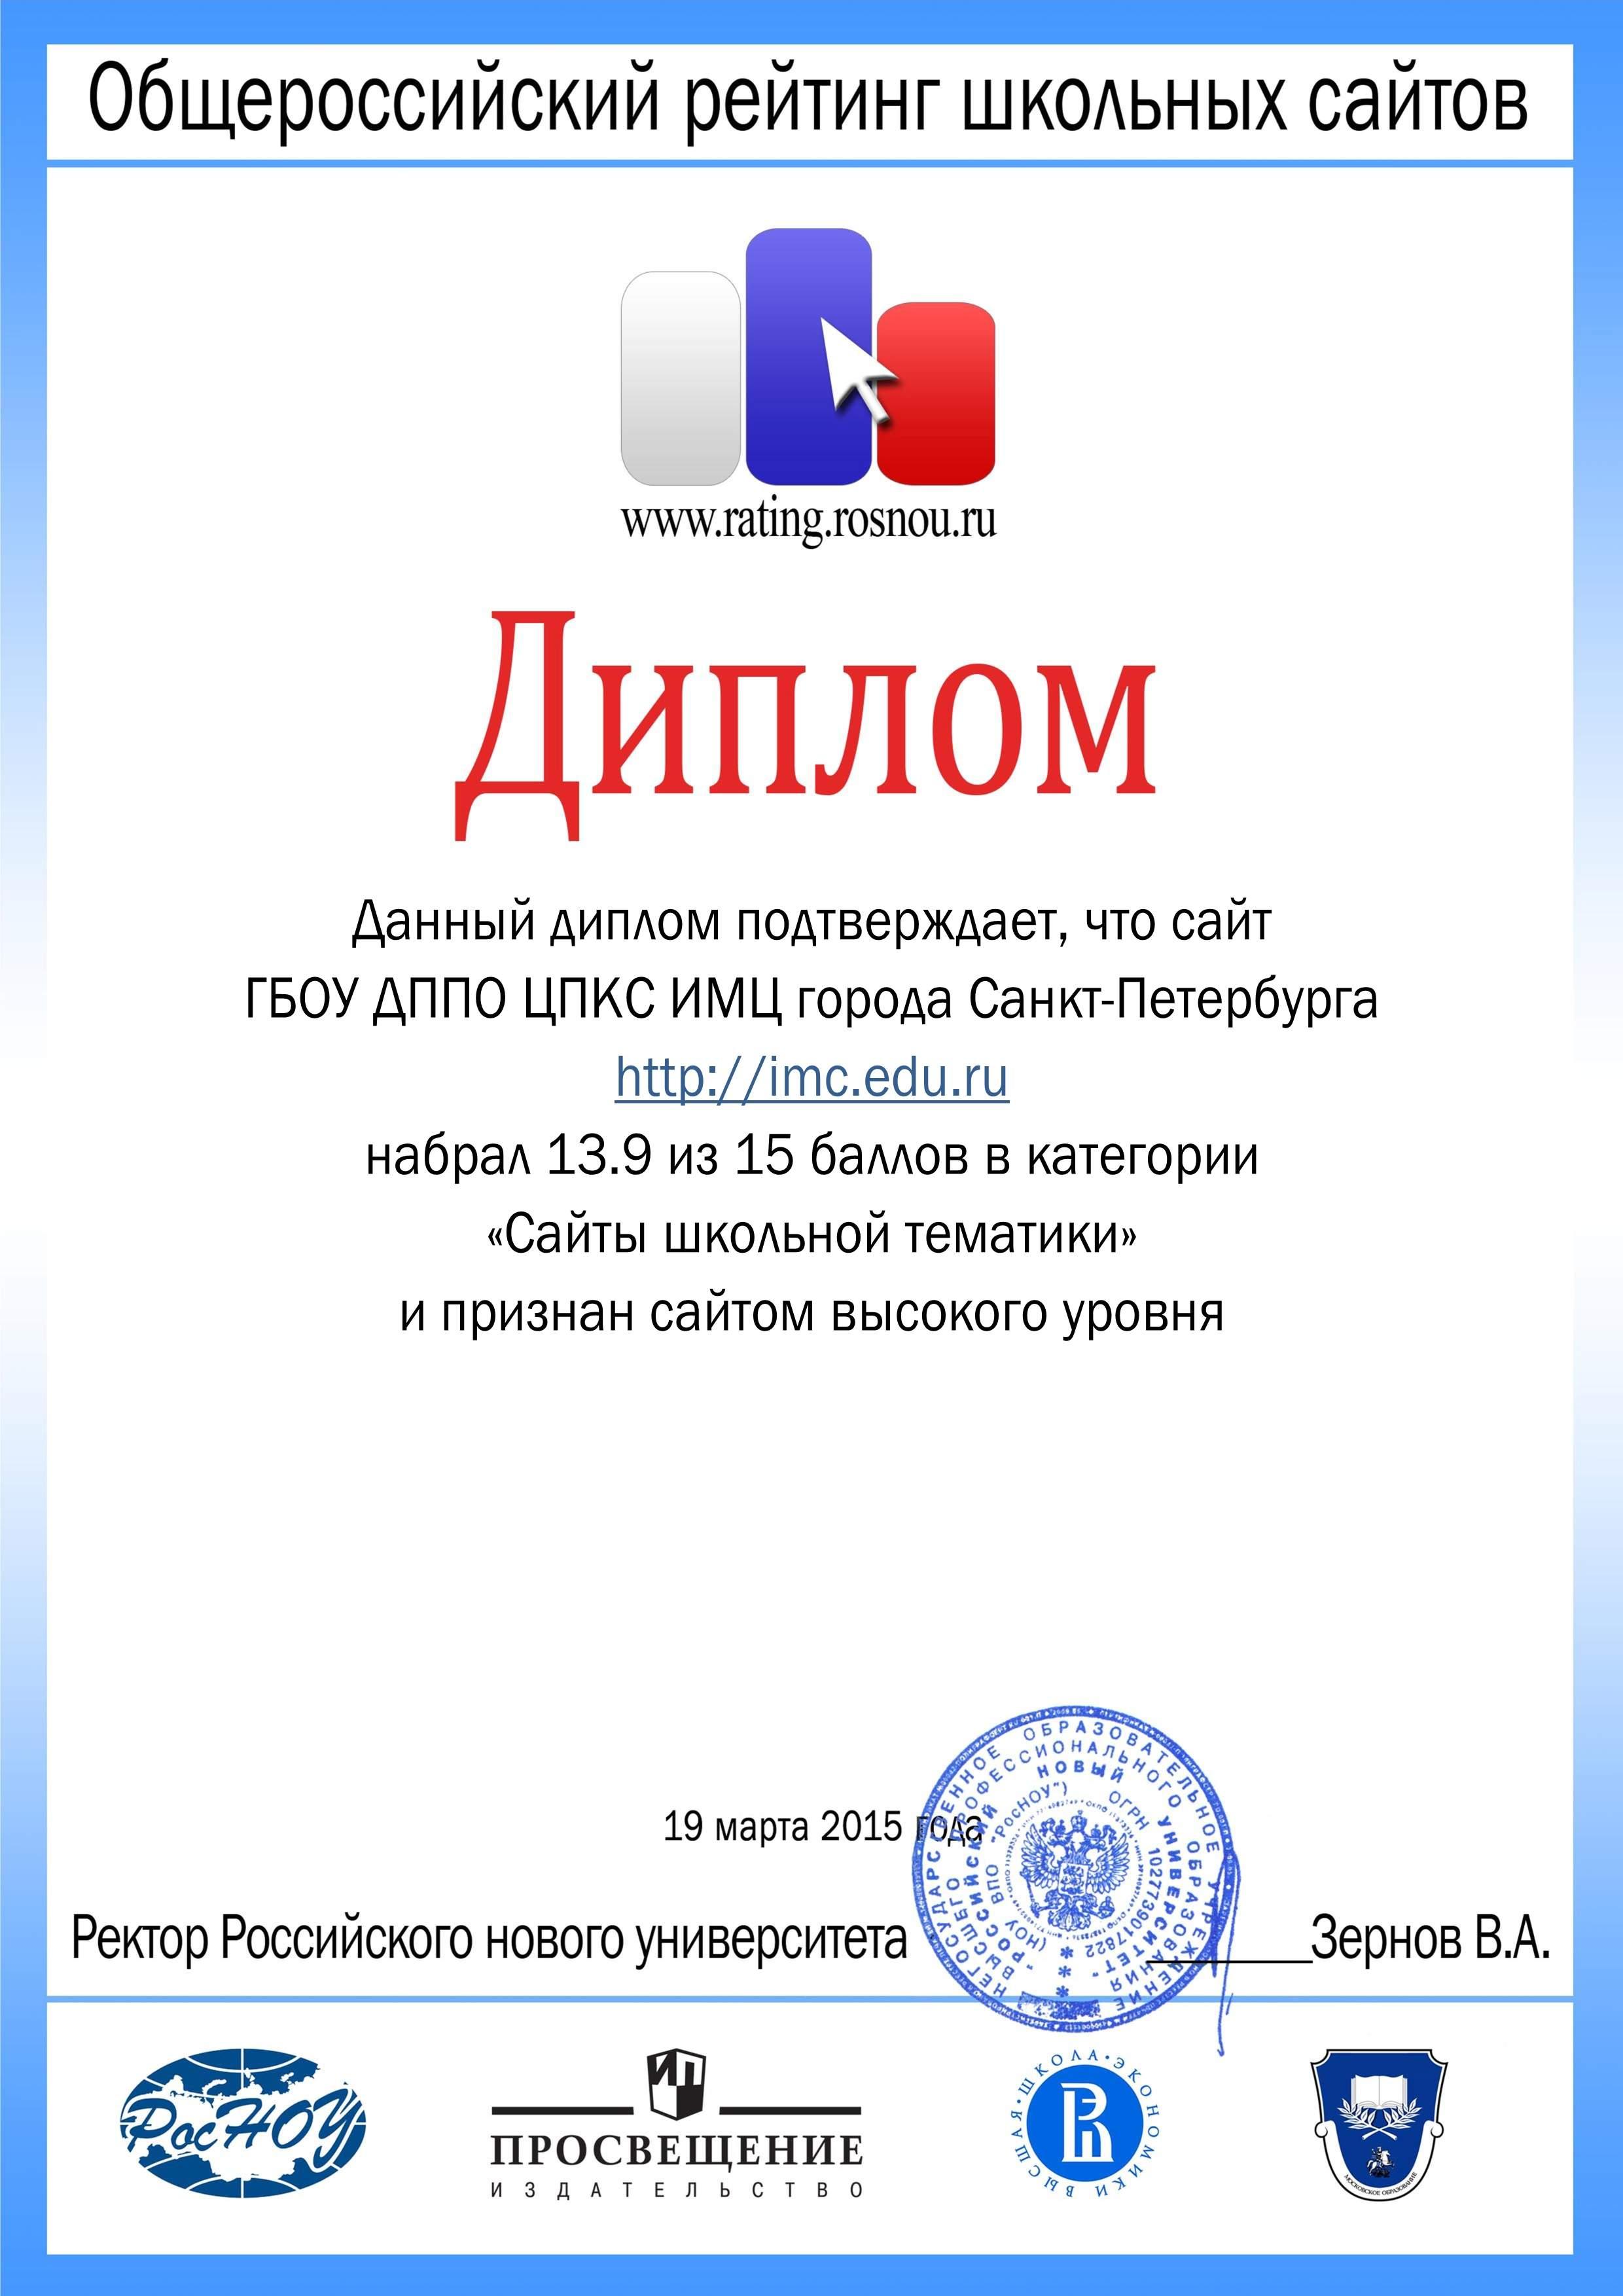 Результаты «Общероссийского рейтинга школьных сайтов (зима 2015)»